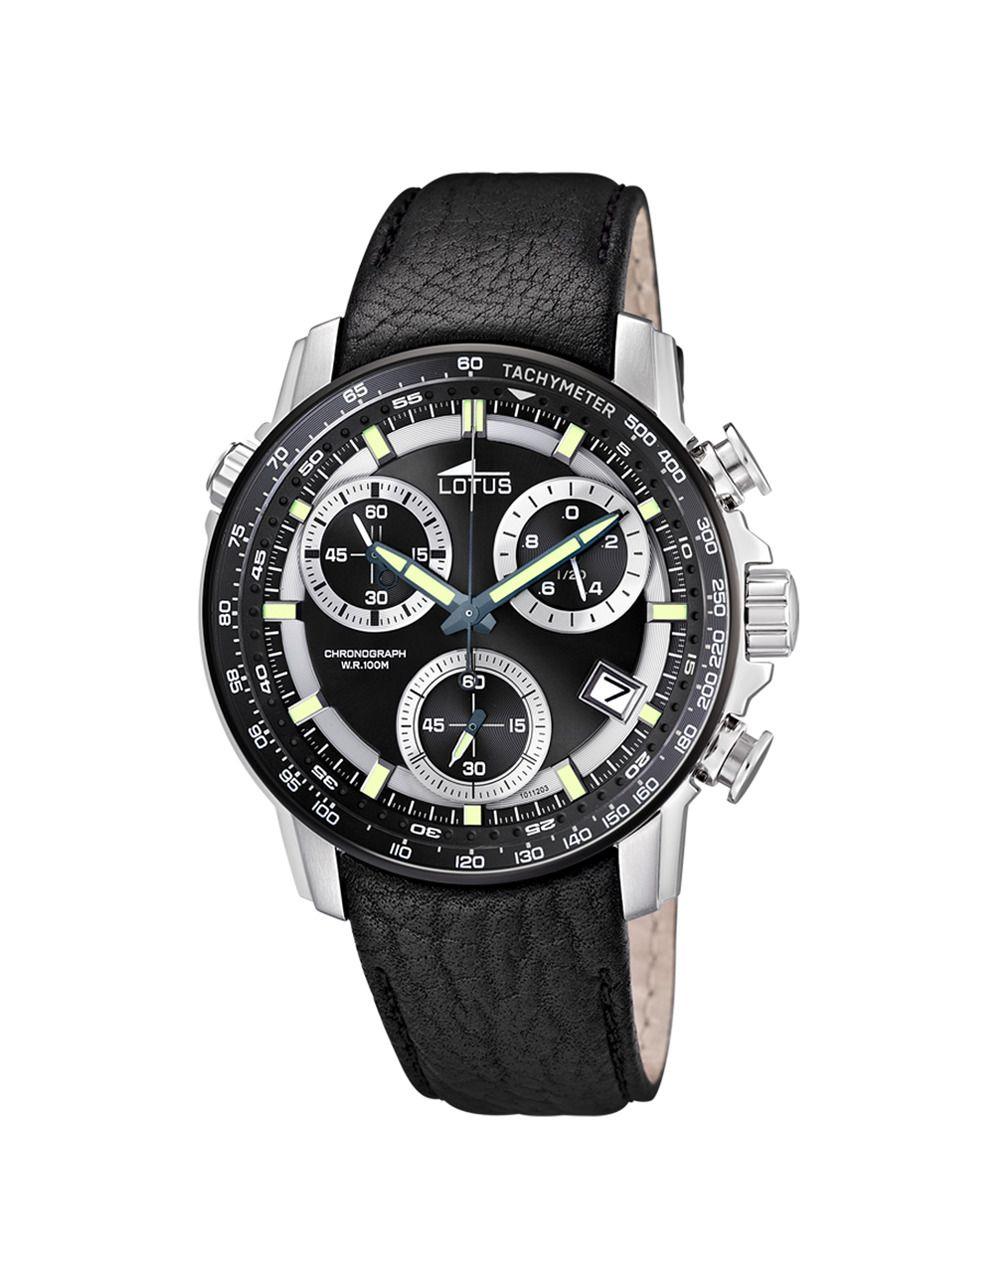 33f5a096b6b1 Reloj de hombre Lotus - Hombre - Relojes - El Corte Inglés - Moda ...